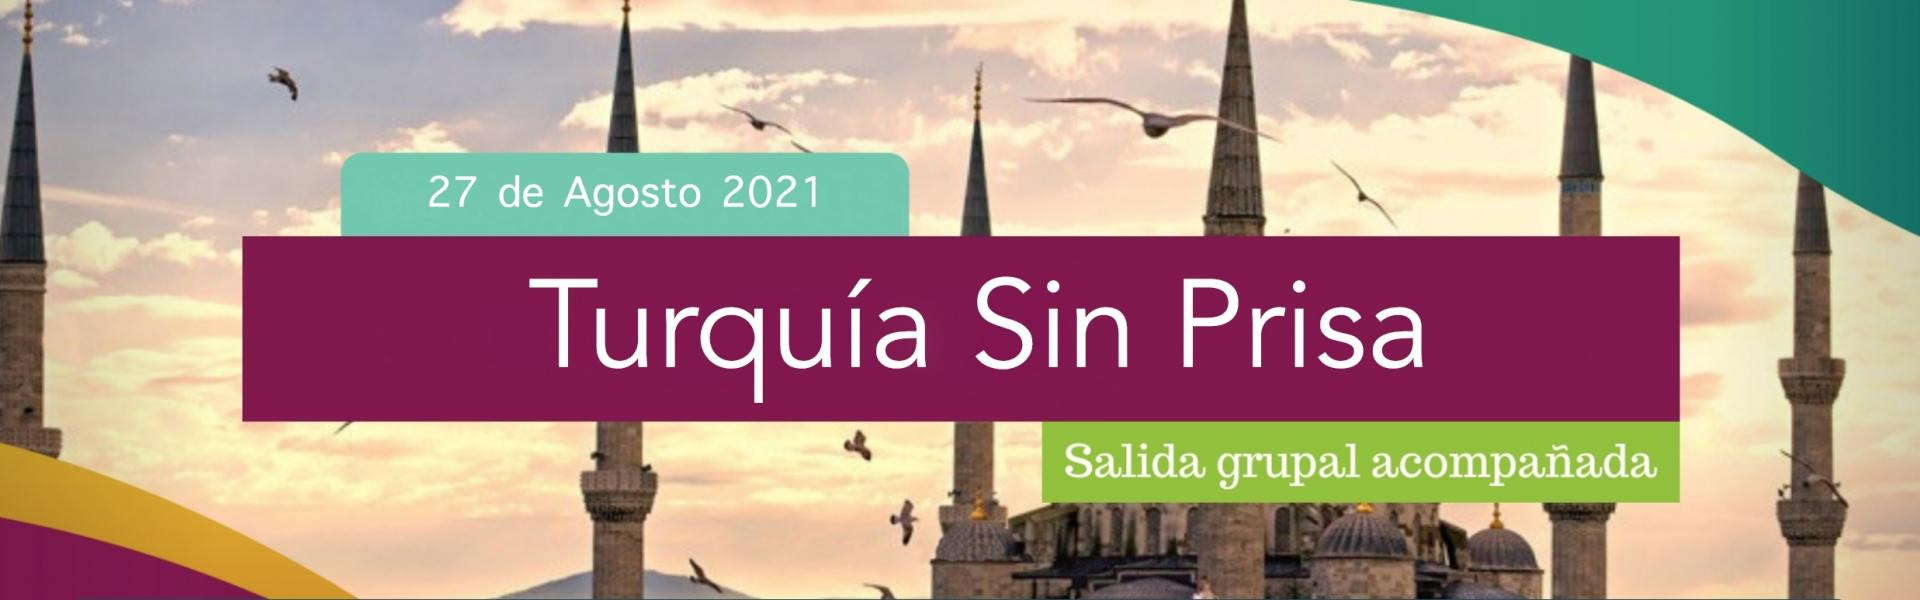 Turquía Sin Prisa - 29 de SEPTIEMBRE 2021